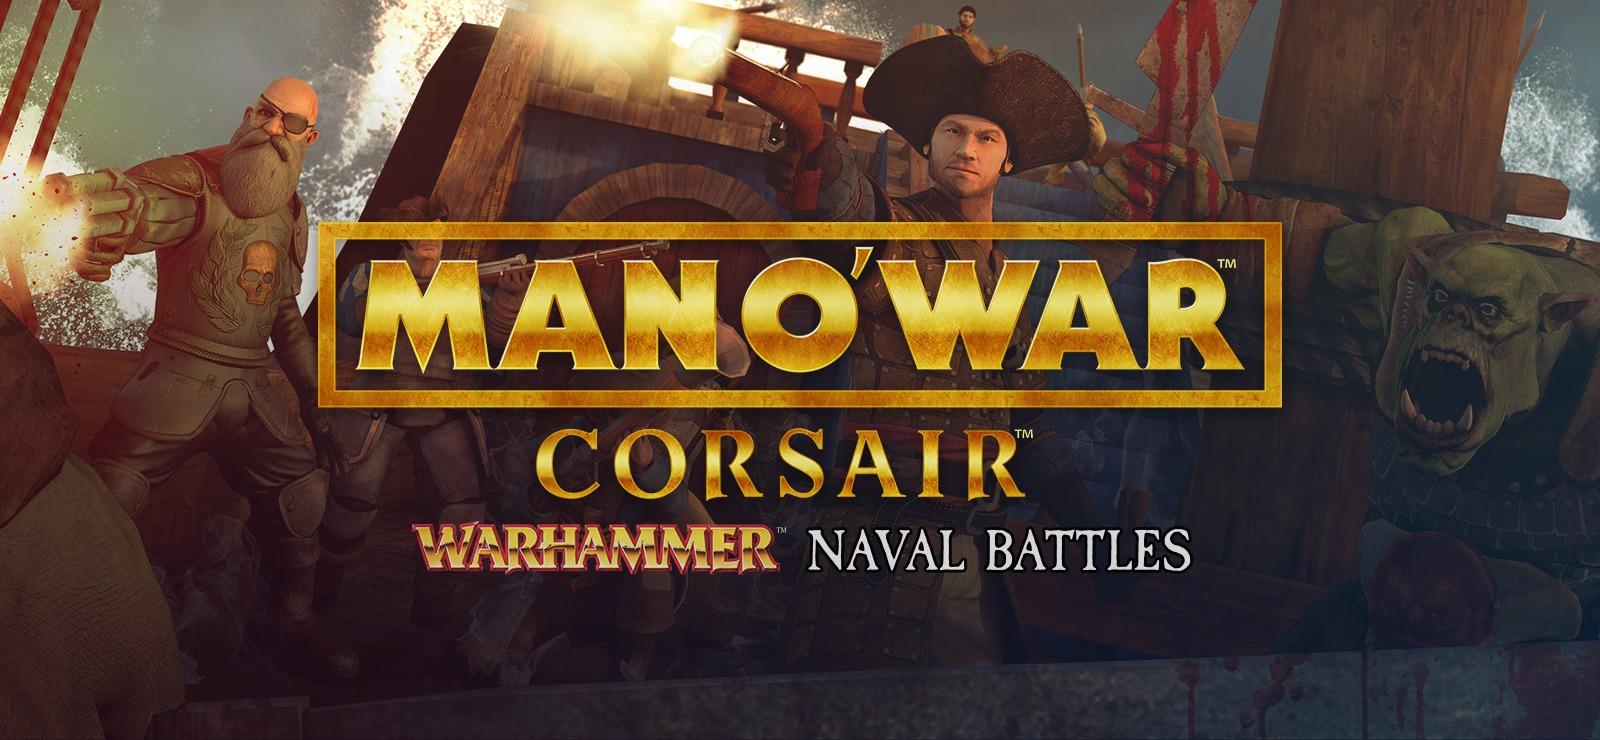 Man O'War Corsair: Pourquoi on a plus de rhum ?